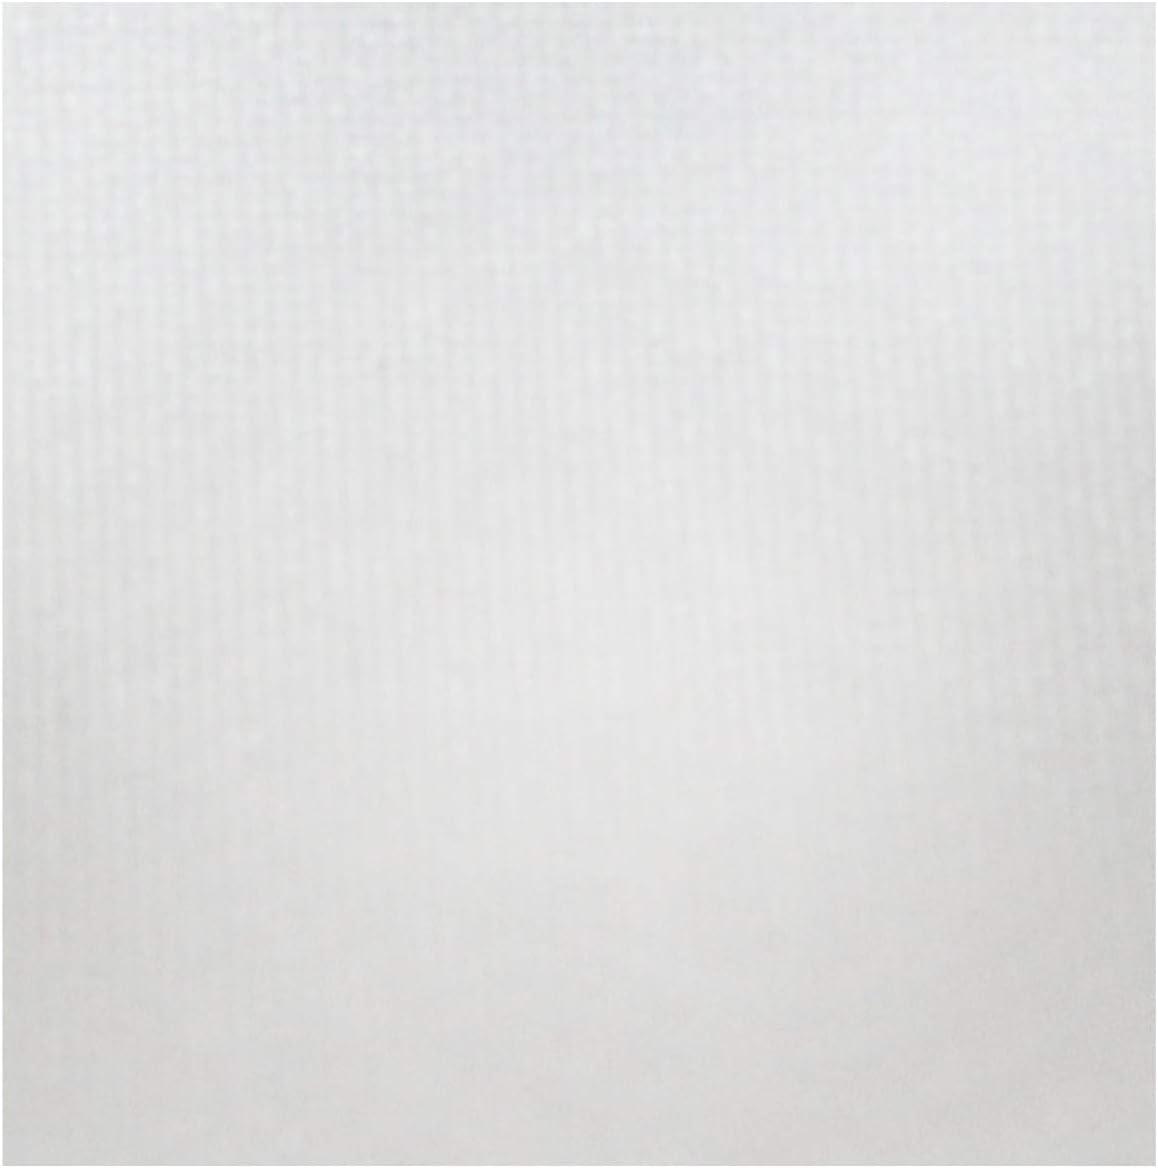 Russo Tessuti Tessuto Lycra Licra Elasticizzato Lucida Unita 50 x 1,50 mt Body Ballo Danza-1 Bianco